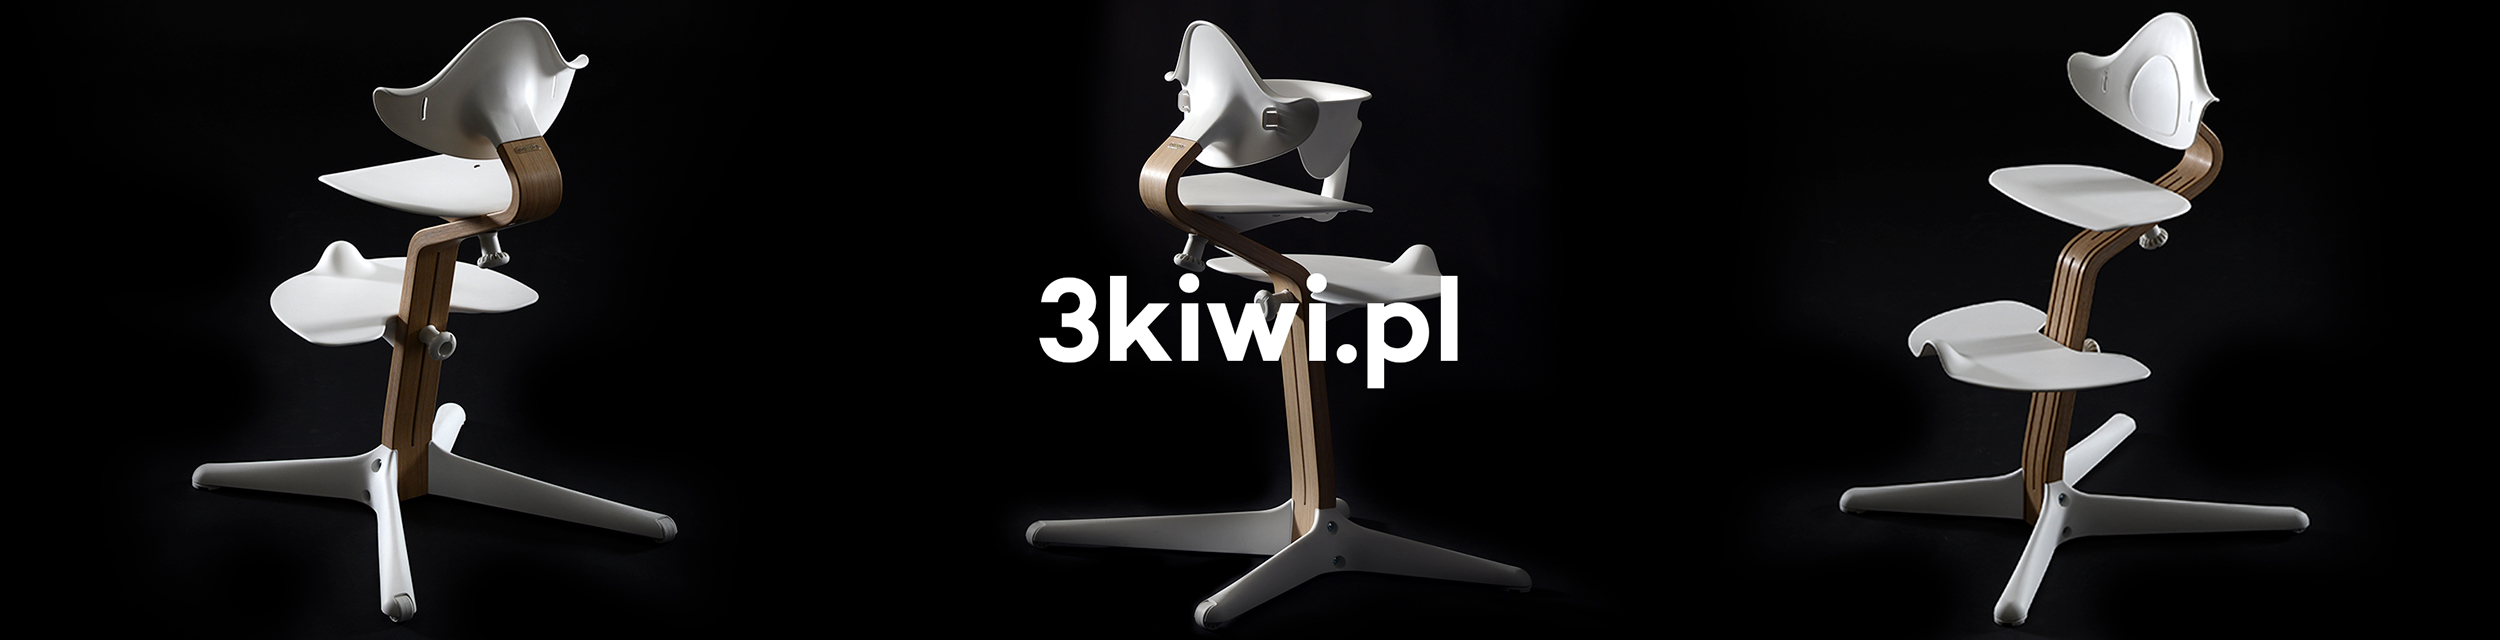 Nomi by Evomove ergonomiczne krzesełko rosnące do karmienia dla dzieci